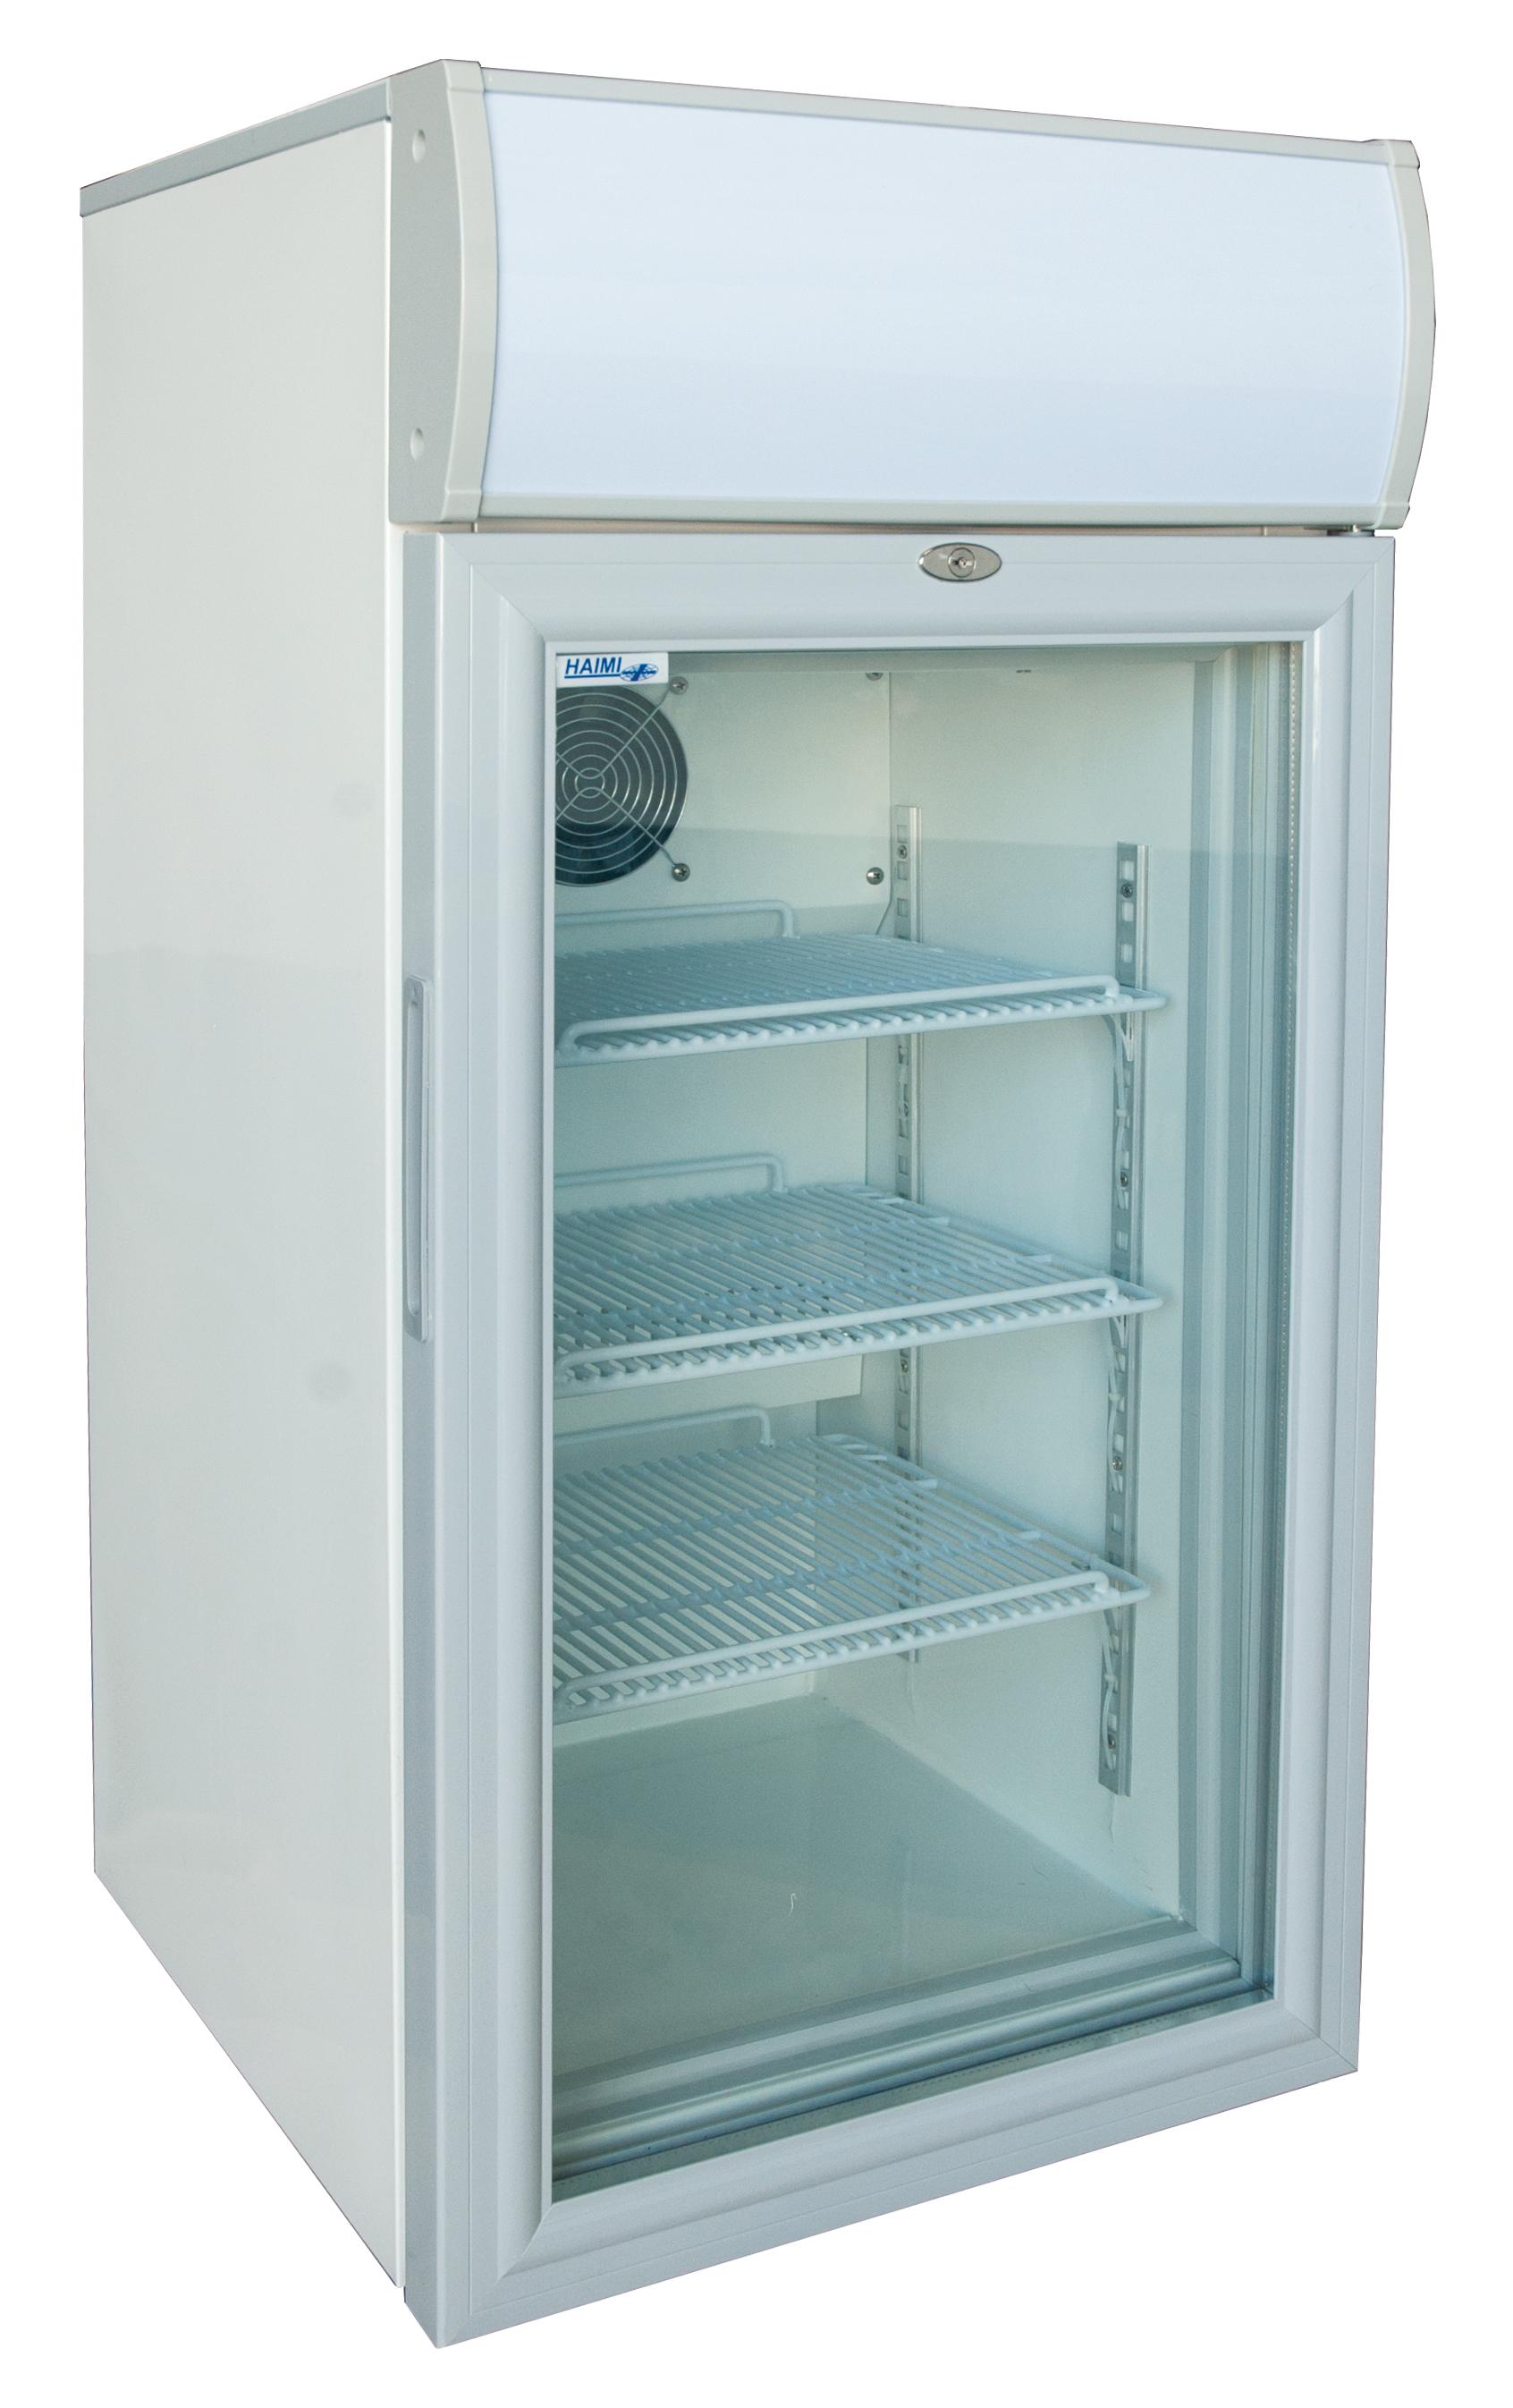 Camfri 80, display fridge with glass door